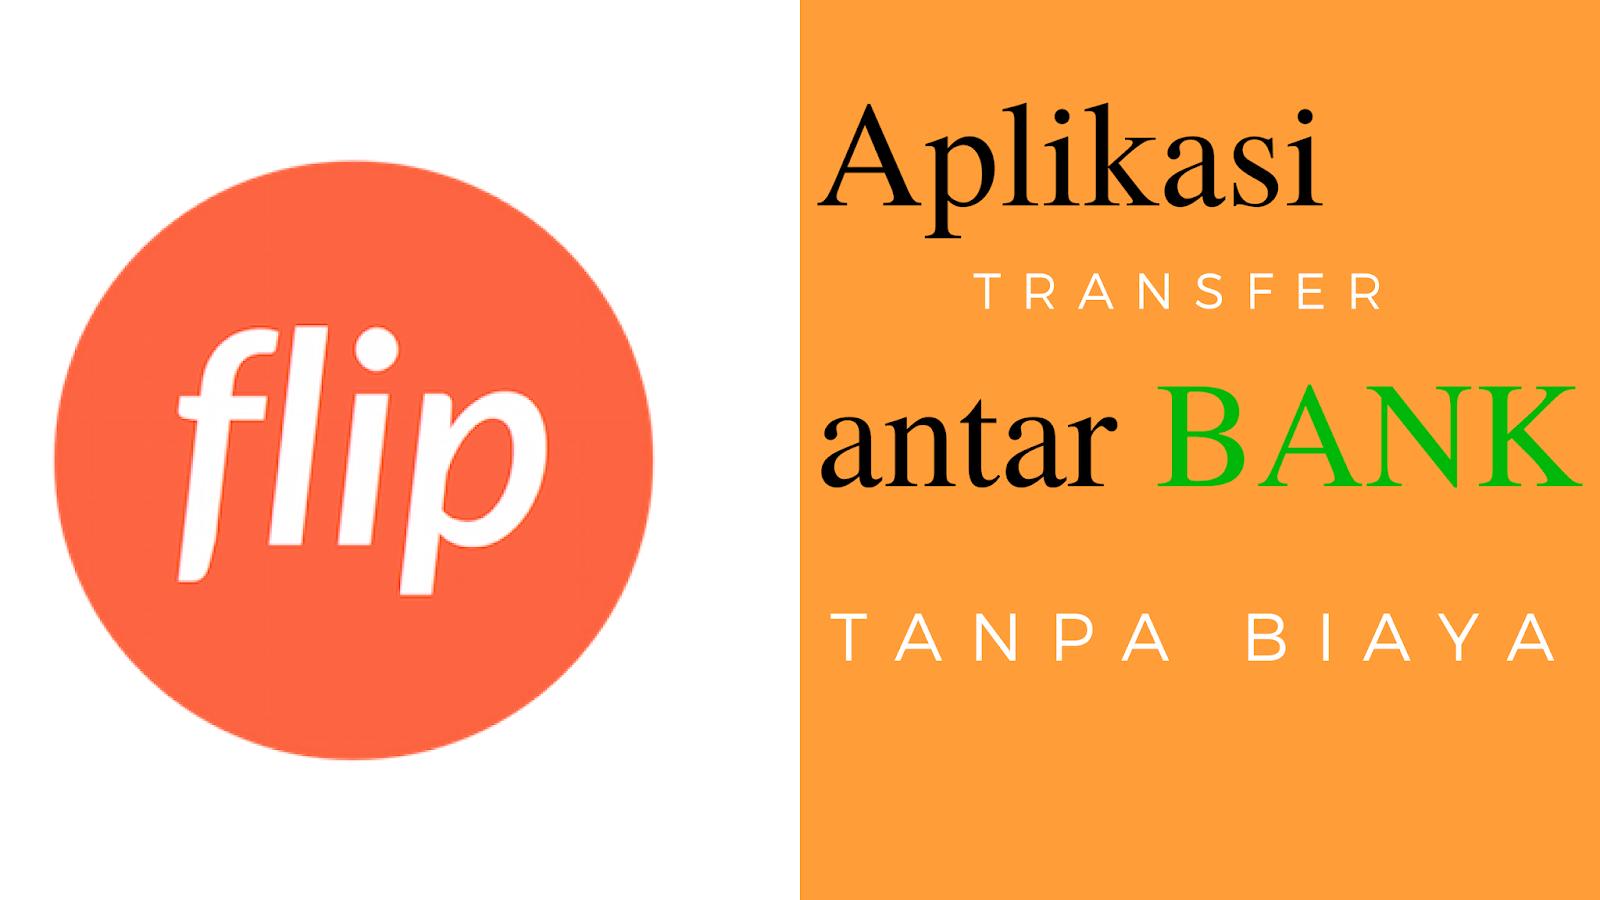 4855e4fbeba39 Transfer Uang Antar Bank Online Tanpa Biaya Melalui Aplikasi Flip ...